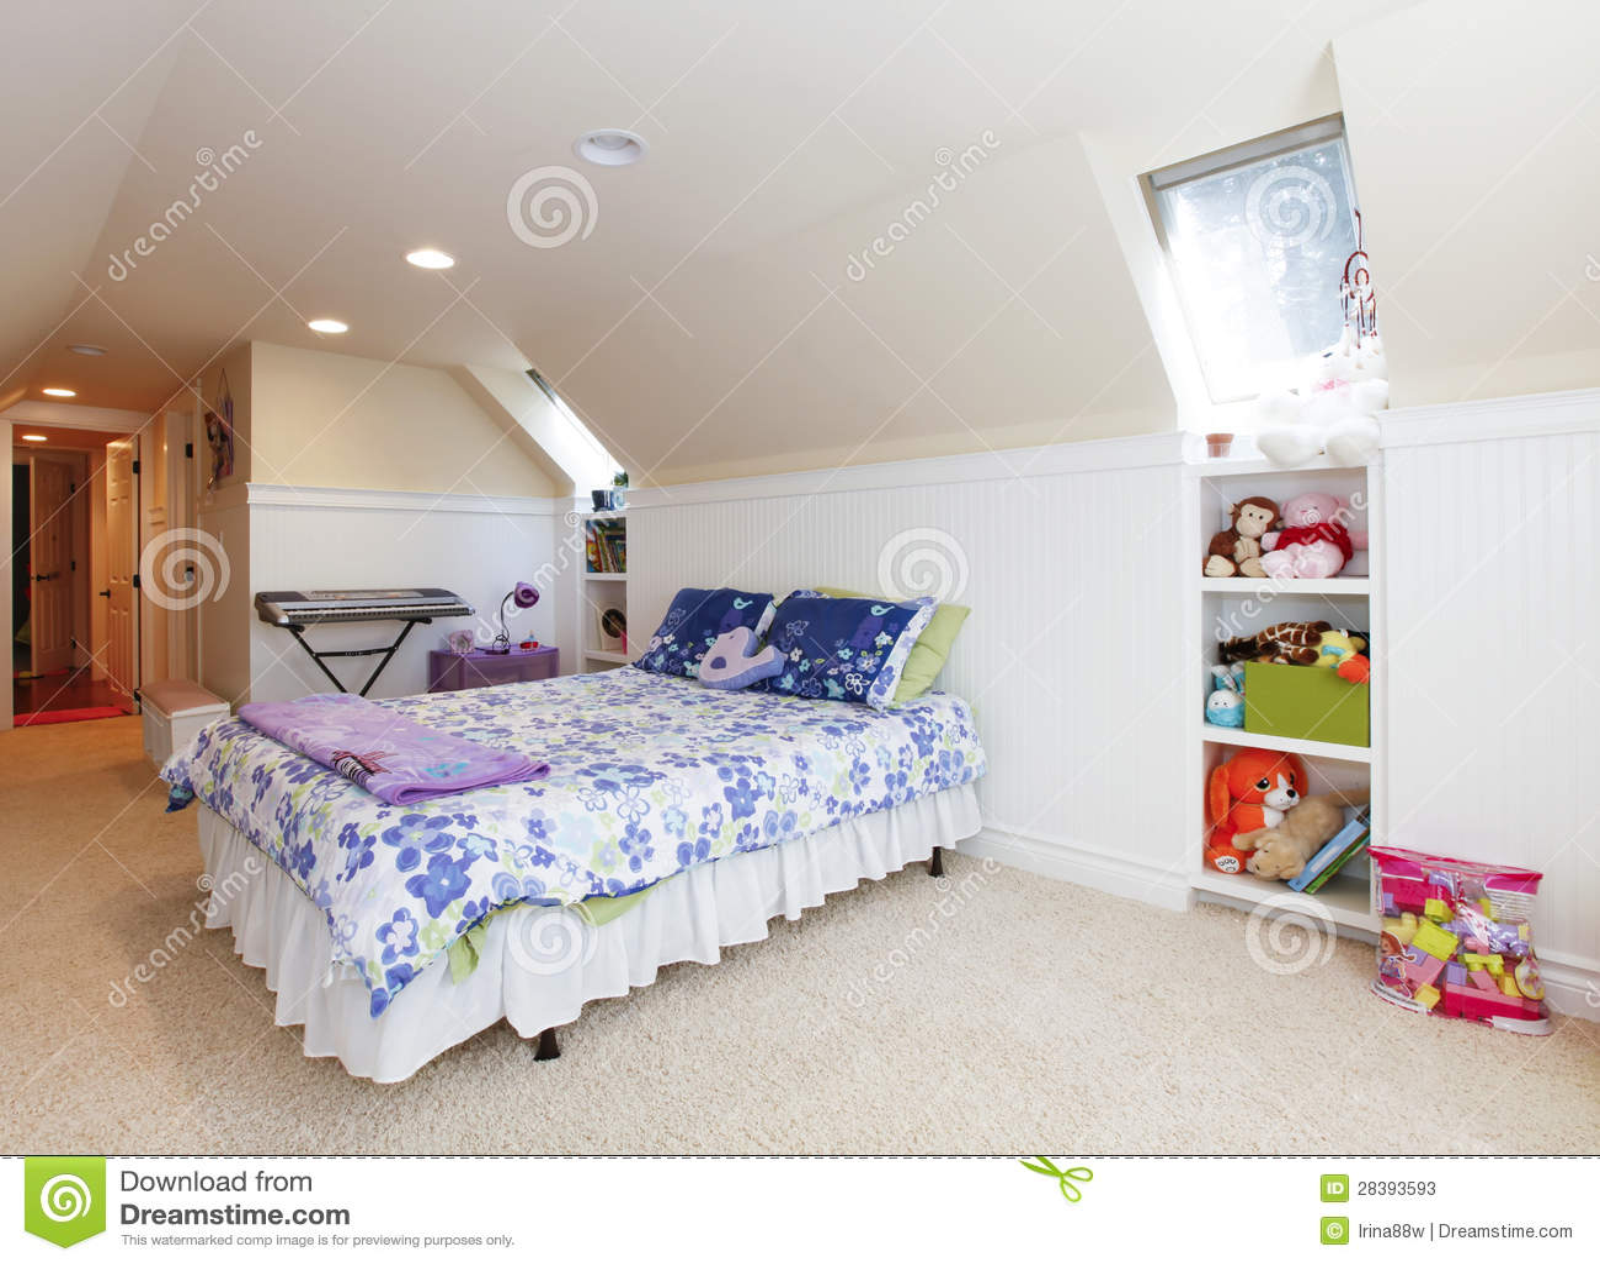 Camera da letto della ragazza con il soffitto della soffitta e tappeto beige con i giocattoli - I segreti della camera da letto ...